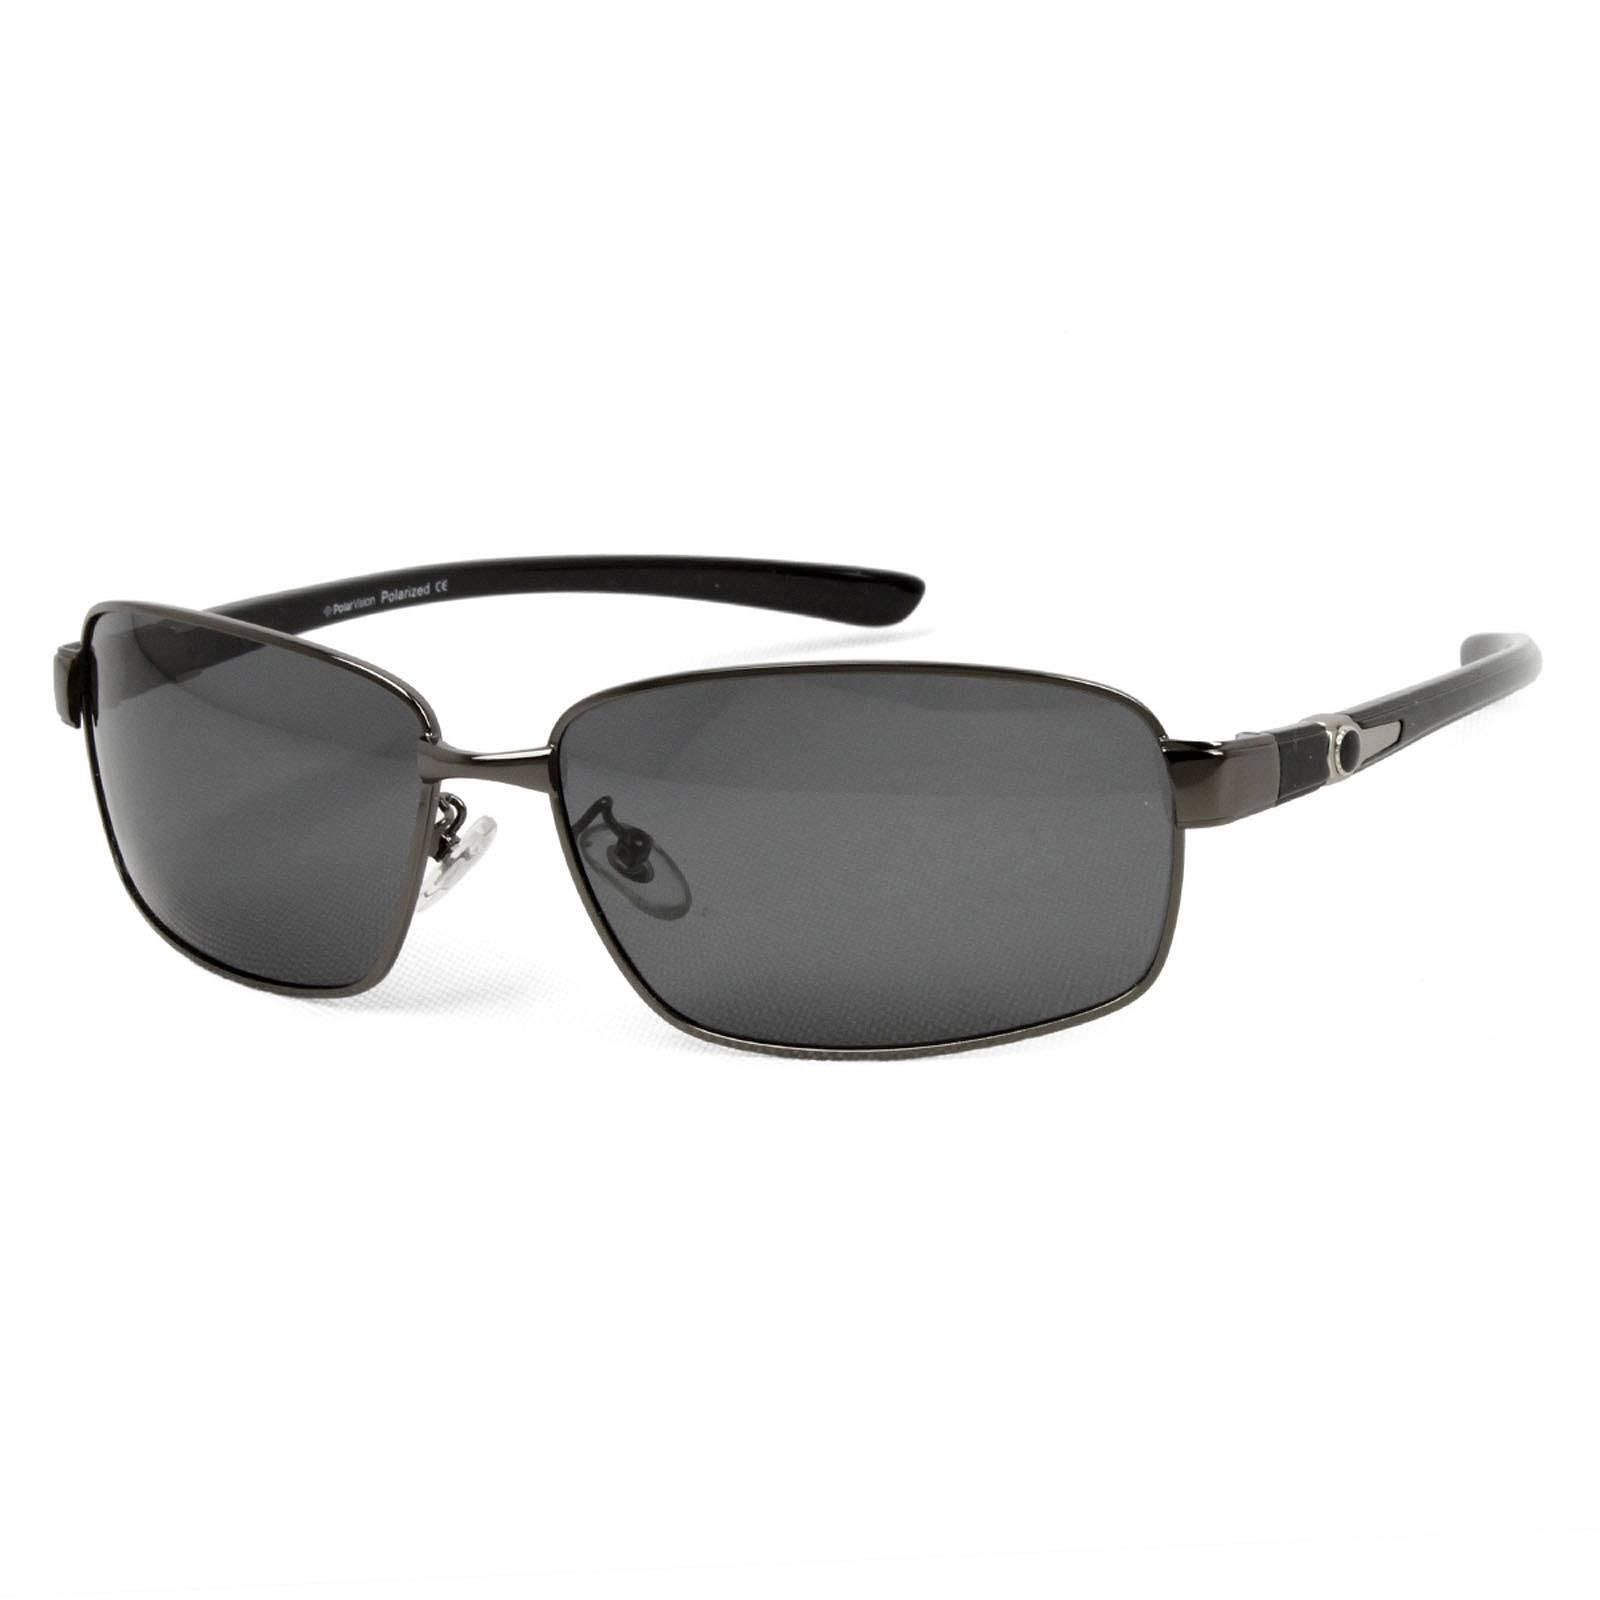 Visage VS31 męskie przeciwsłoneczne okulary polaryzacyjne